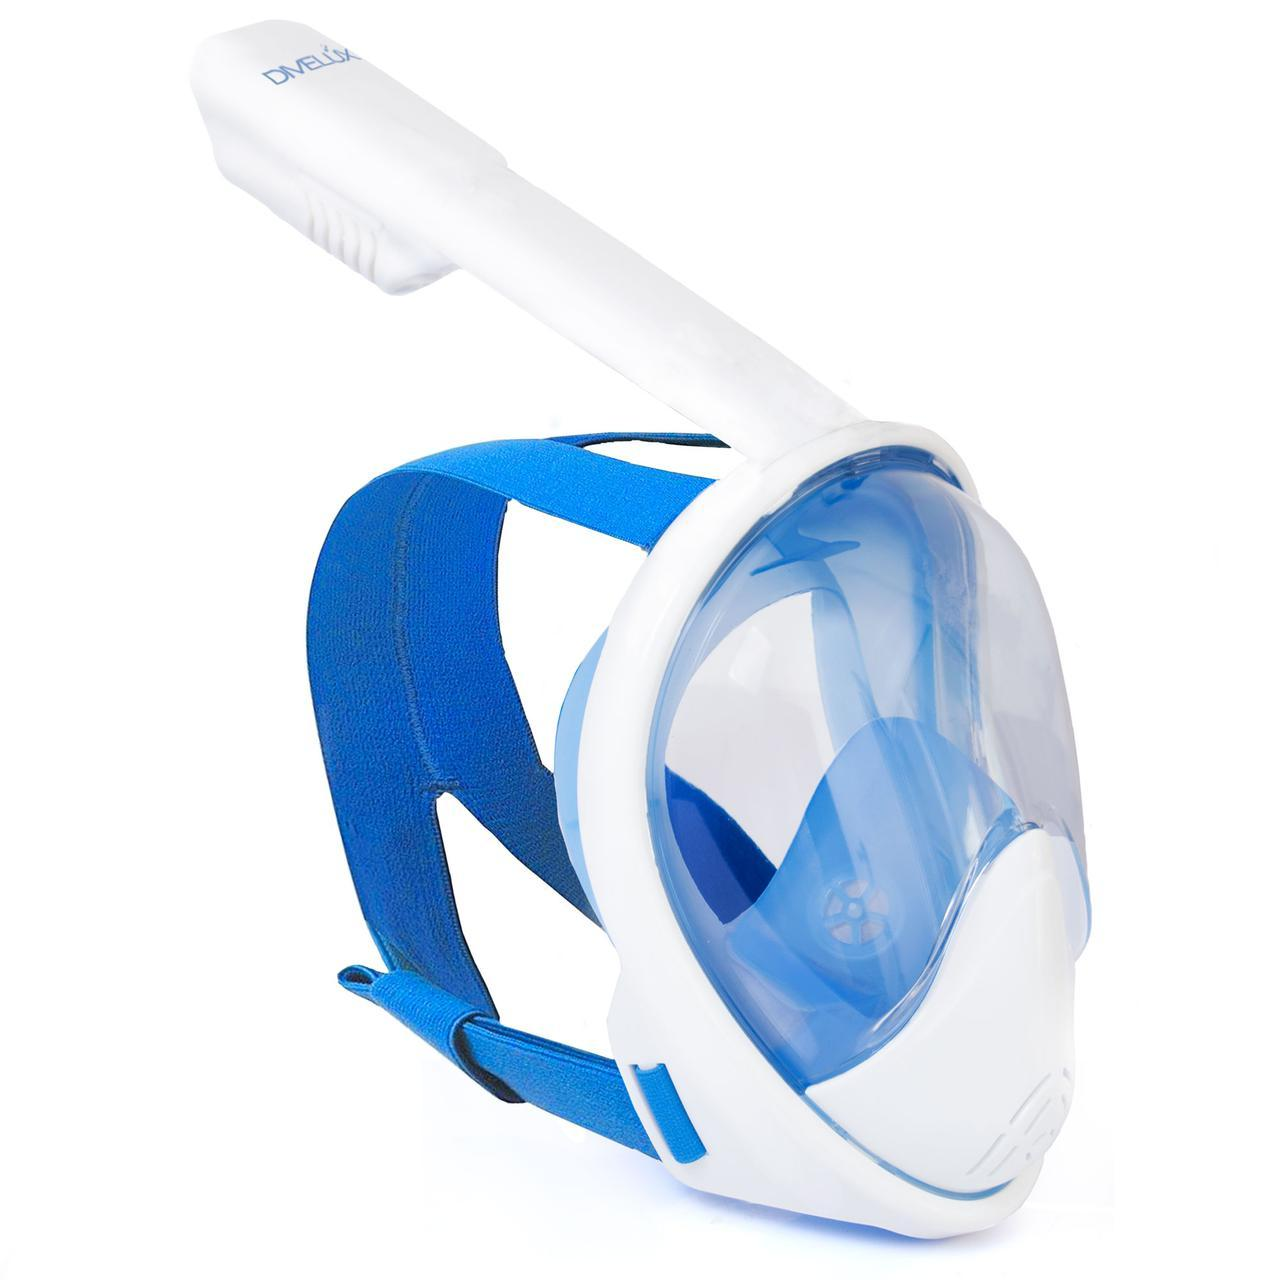 Полнолицевая панорамная маска DIVELUX для дайвинга и снорклинга L/XL Синий